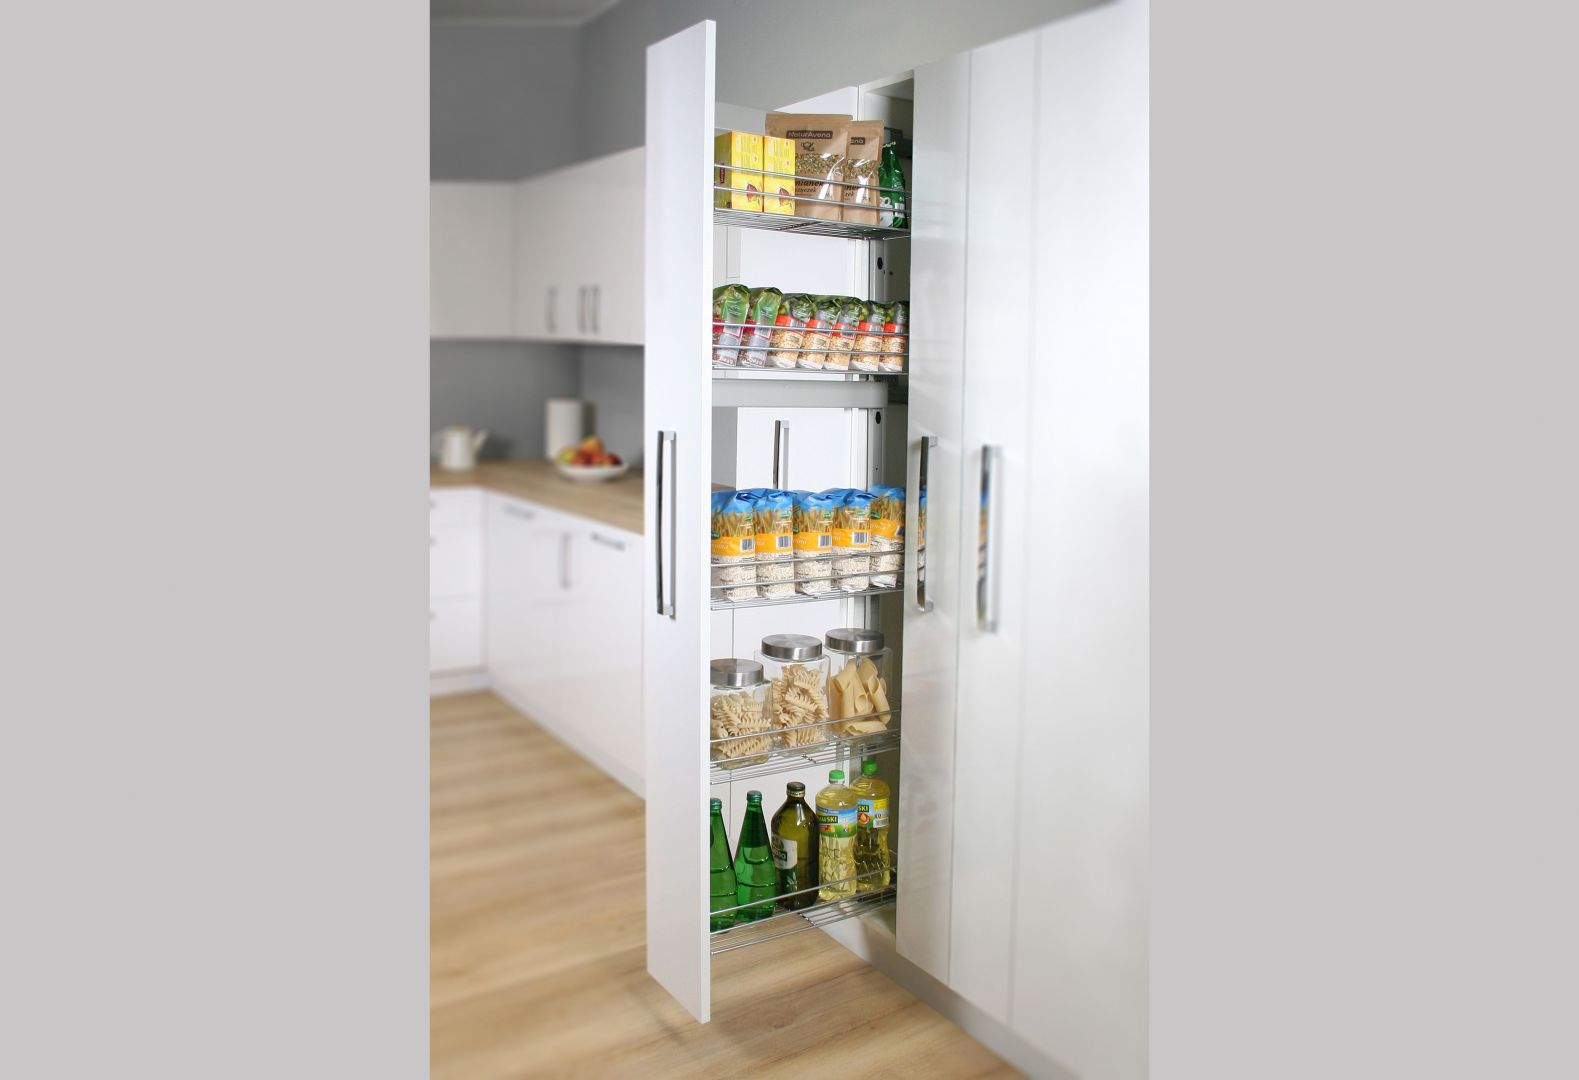 Przeznaczone do szafek wysokich Cargo Maxi Boczne idealnie sprawdzi się do przechowywania zapasów żywności – pudełek, puszek i toreb. Dzięki wąskim wymiarom (cargo dostępne jest w szer. 150 i 200 mm) system pozwala wykorzystać nawet wąską przestrzeń. Fot. Rejs